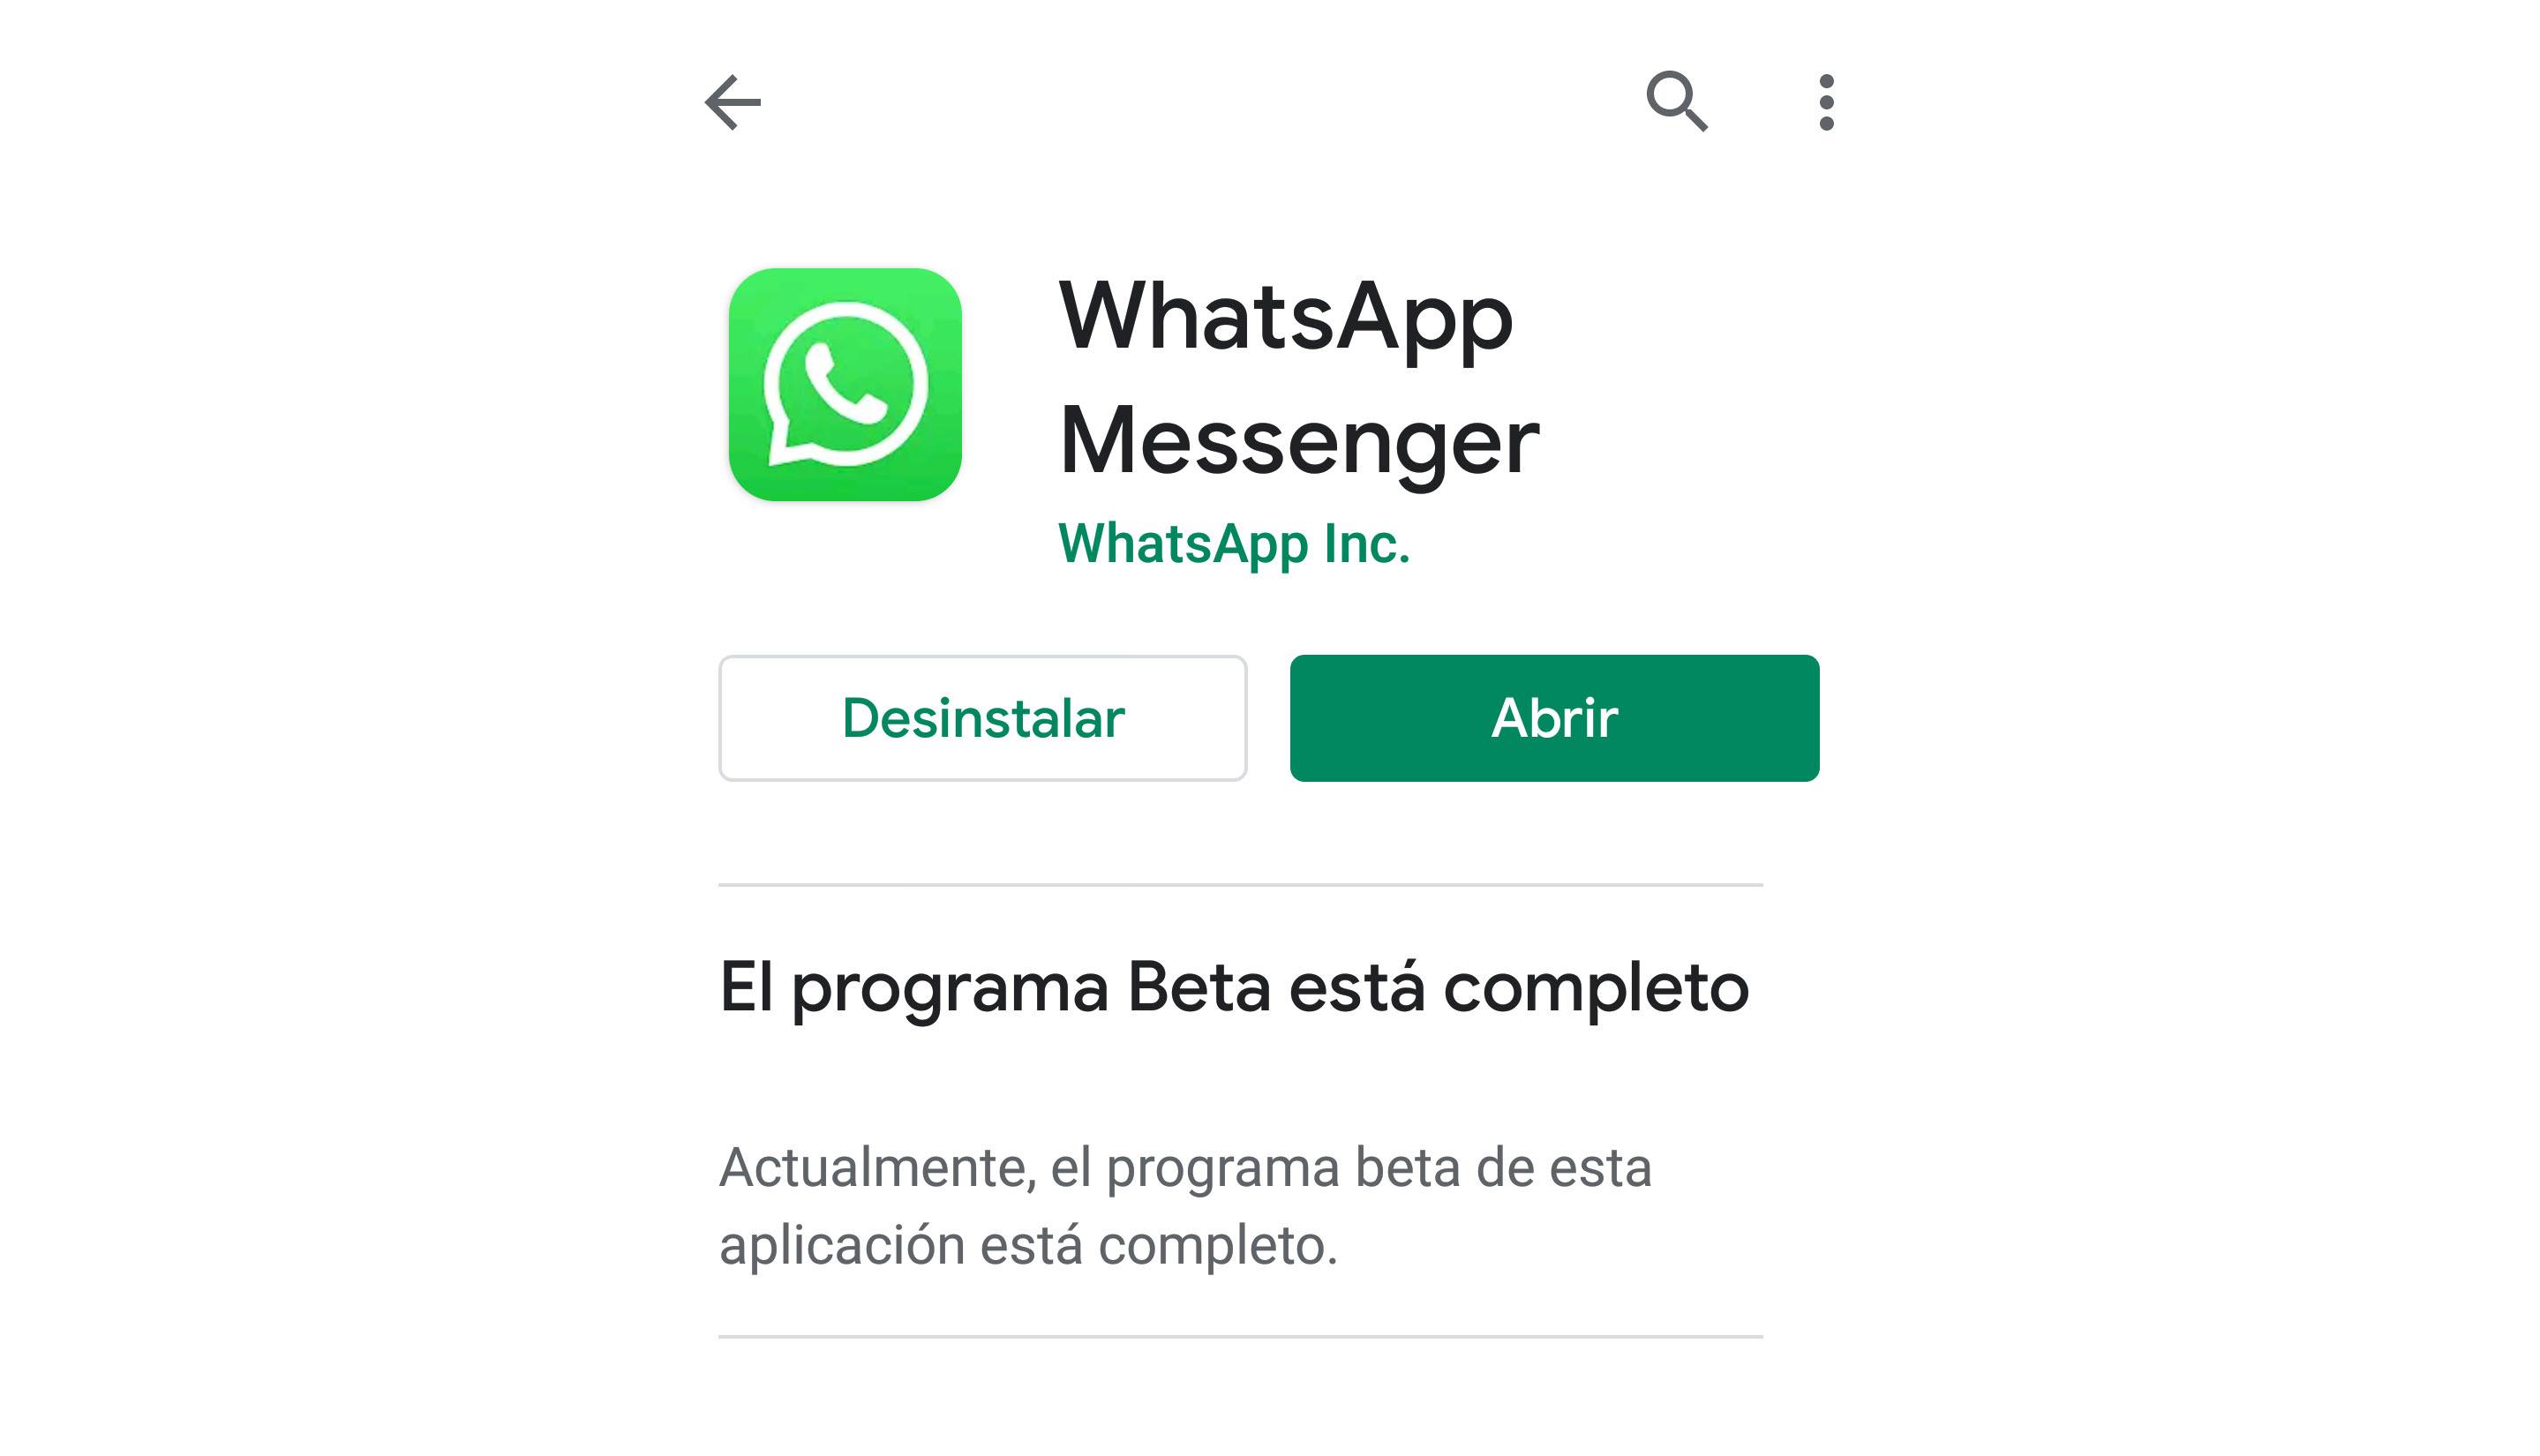 Cómo descargar u obtener la versión Beta de cualquier aplicación